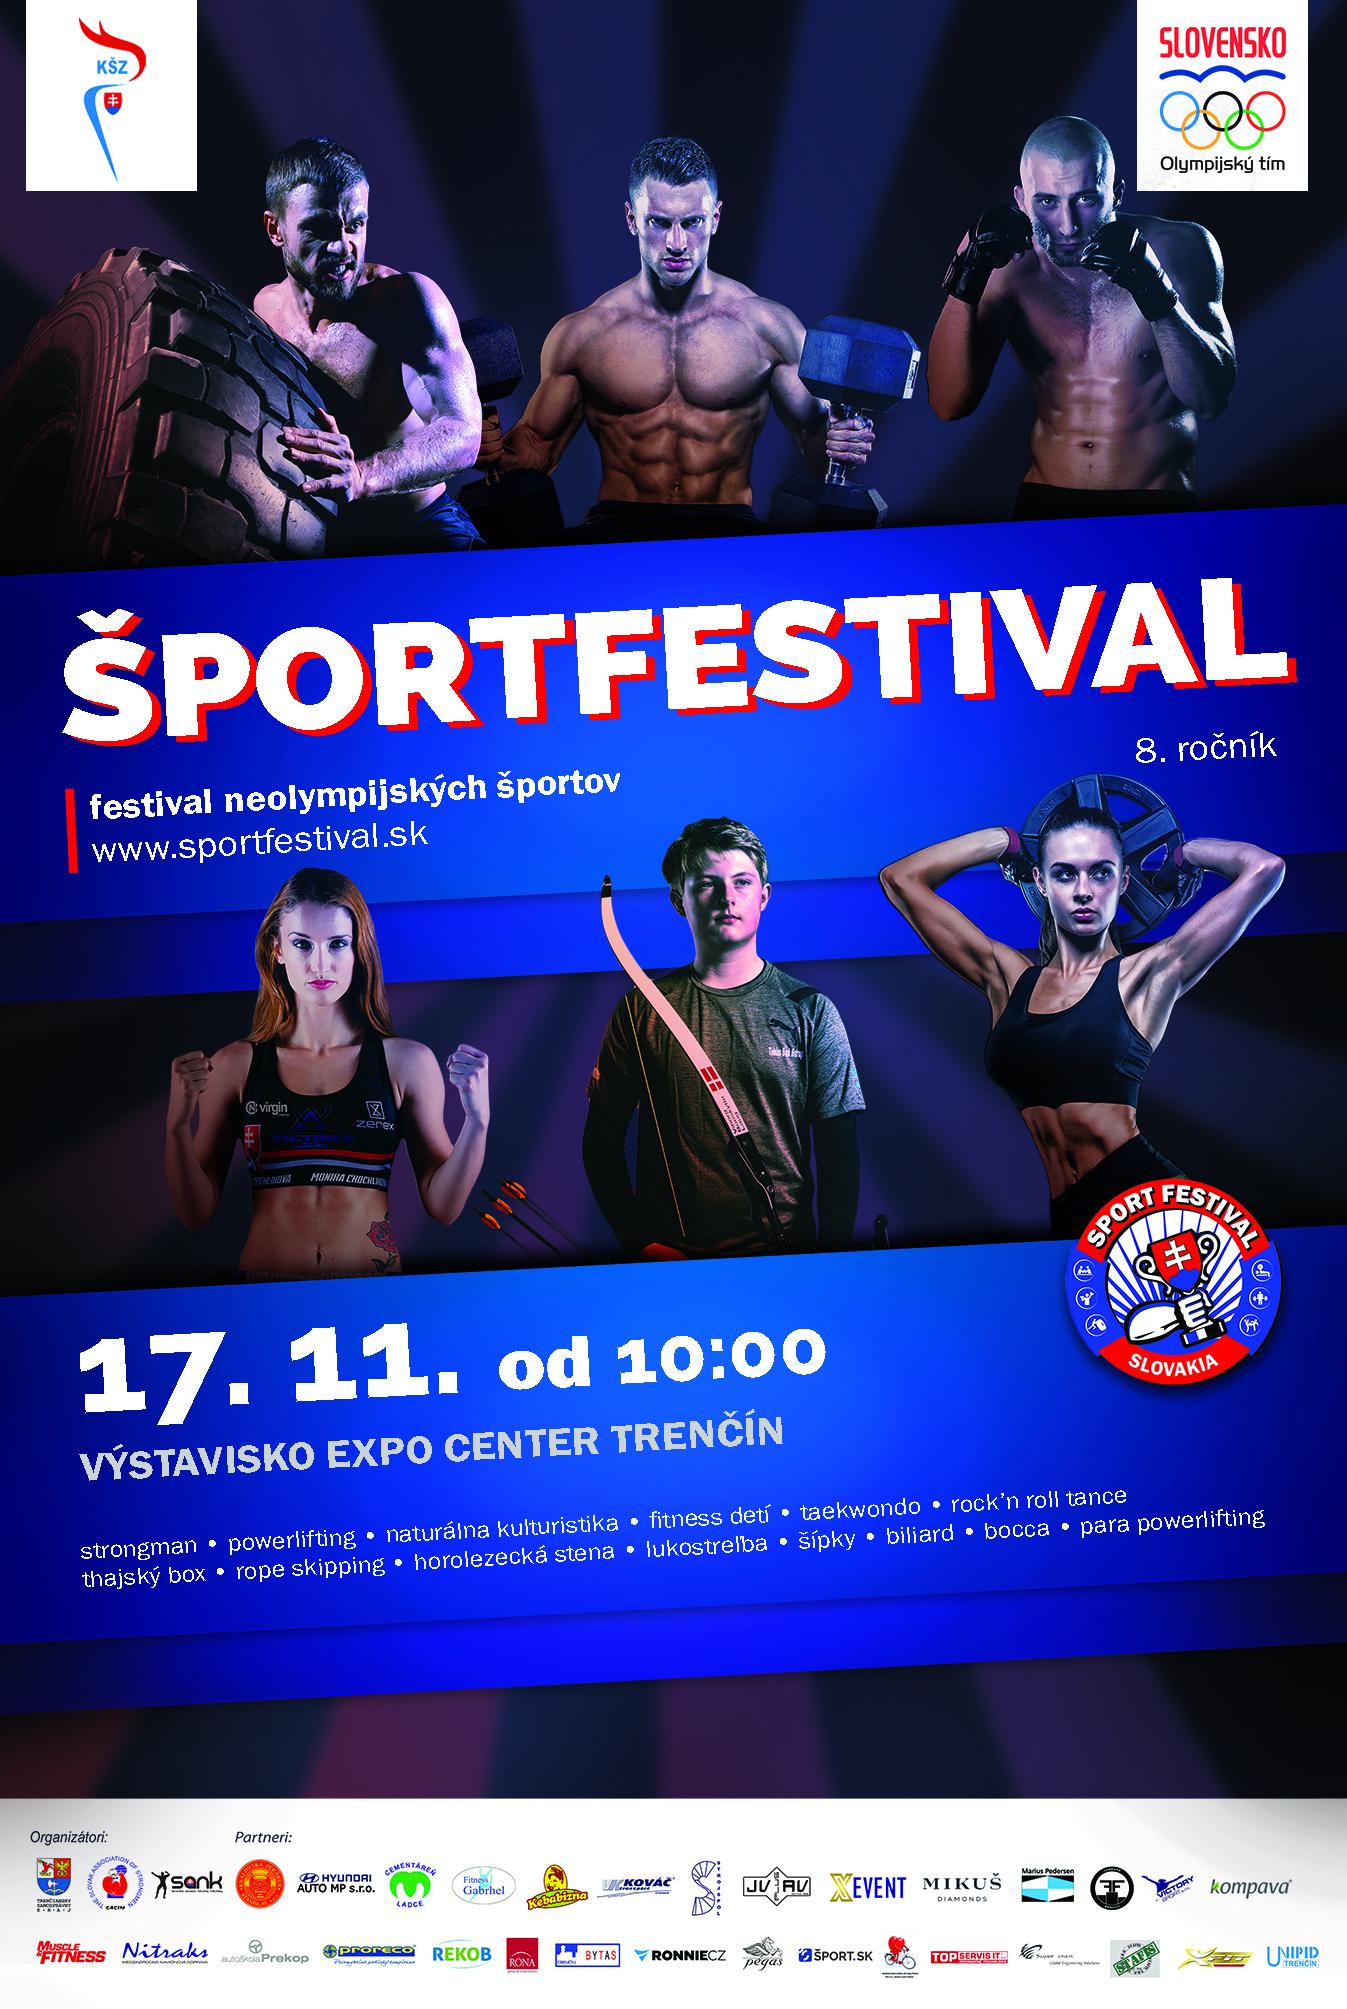 Športfestival